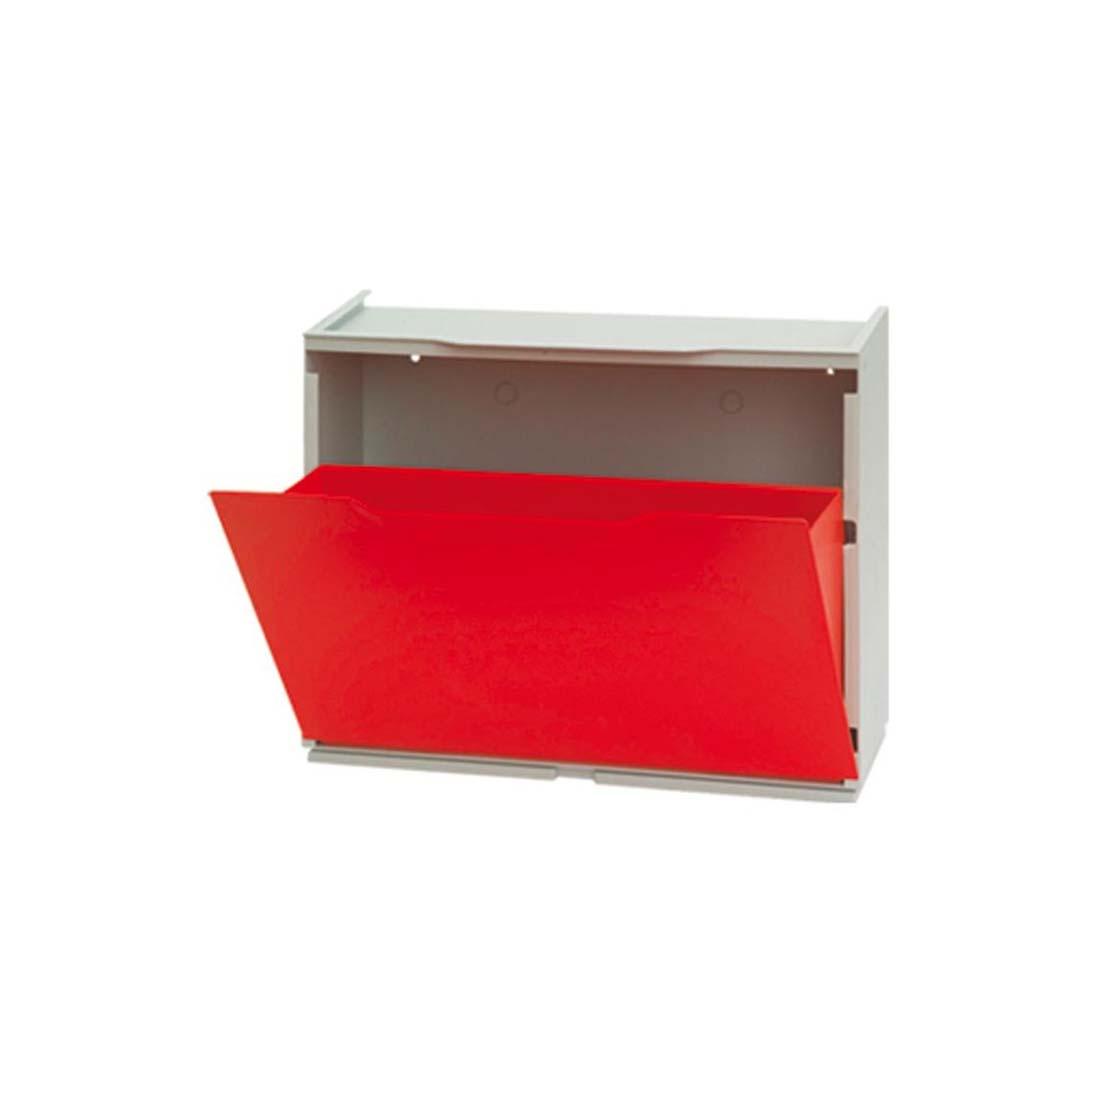 Scarpiere Componibili In Plastica.Scarpiera In Resina Componibile 51x41x17 Rossa Plastica Modulare